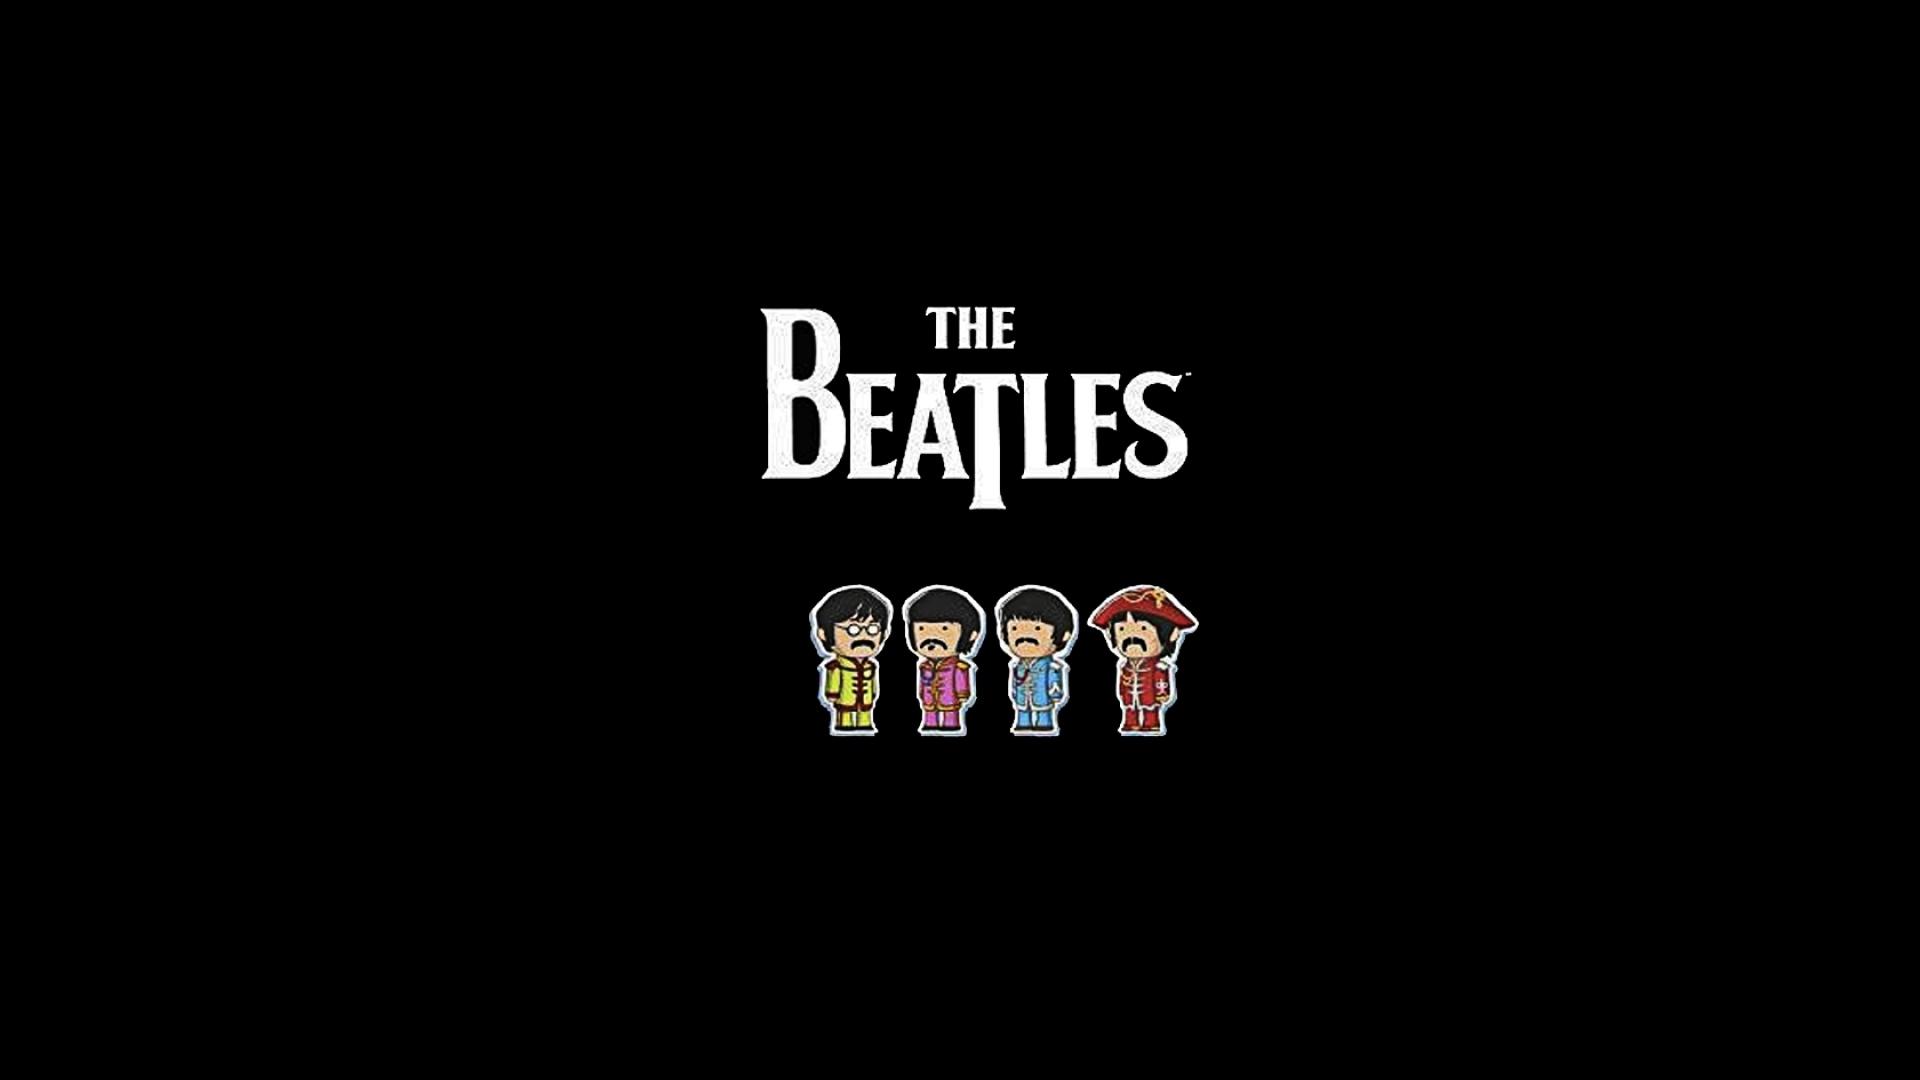 Simple Wallpaper Mac The Beatles - the-beatles-wallpaper-12  Gallery_695846.jpg